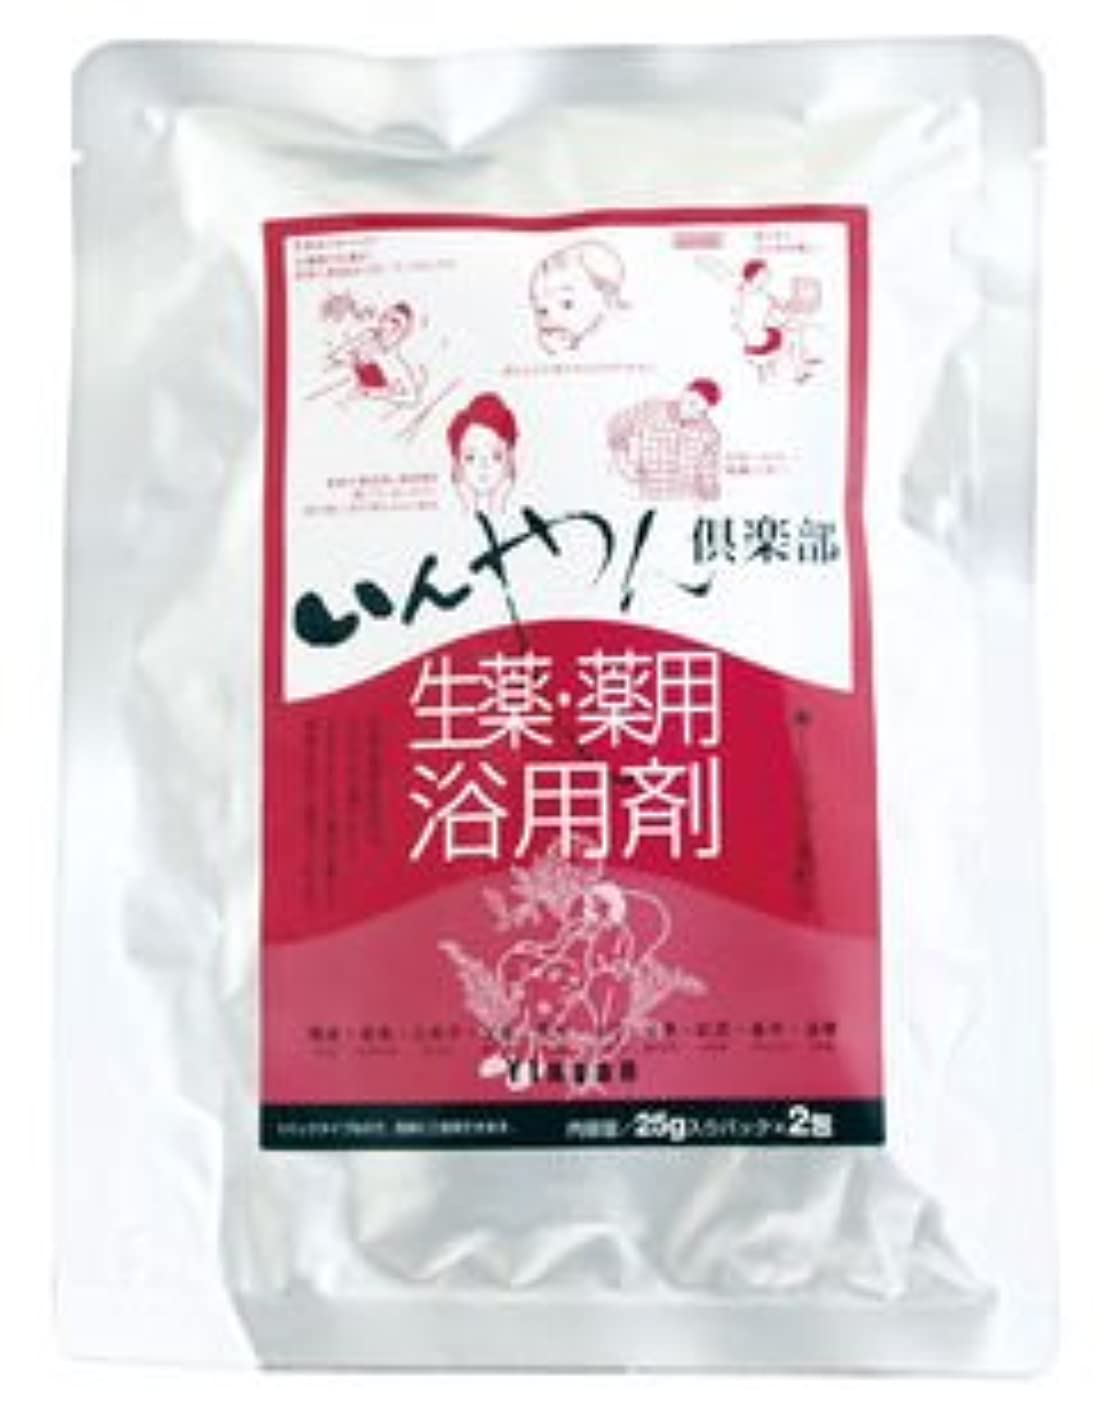 ミシン落ち着く矩形生薬 薬用浴用剤 25g×2包